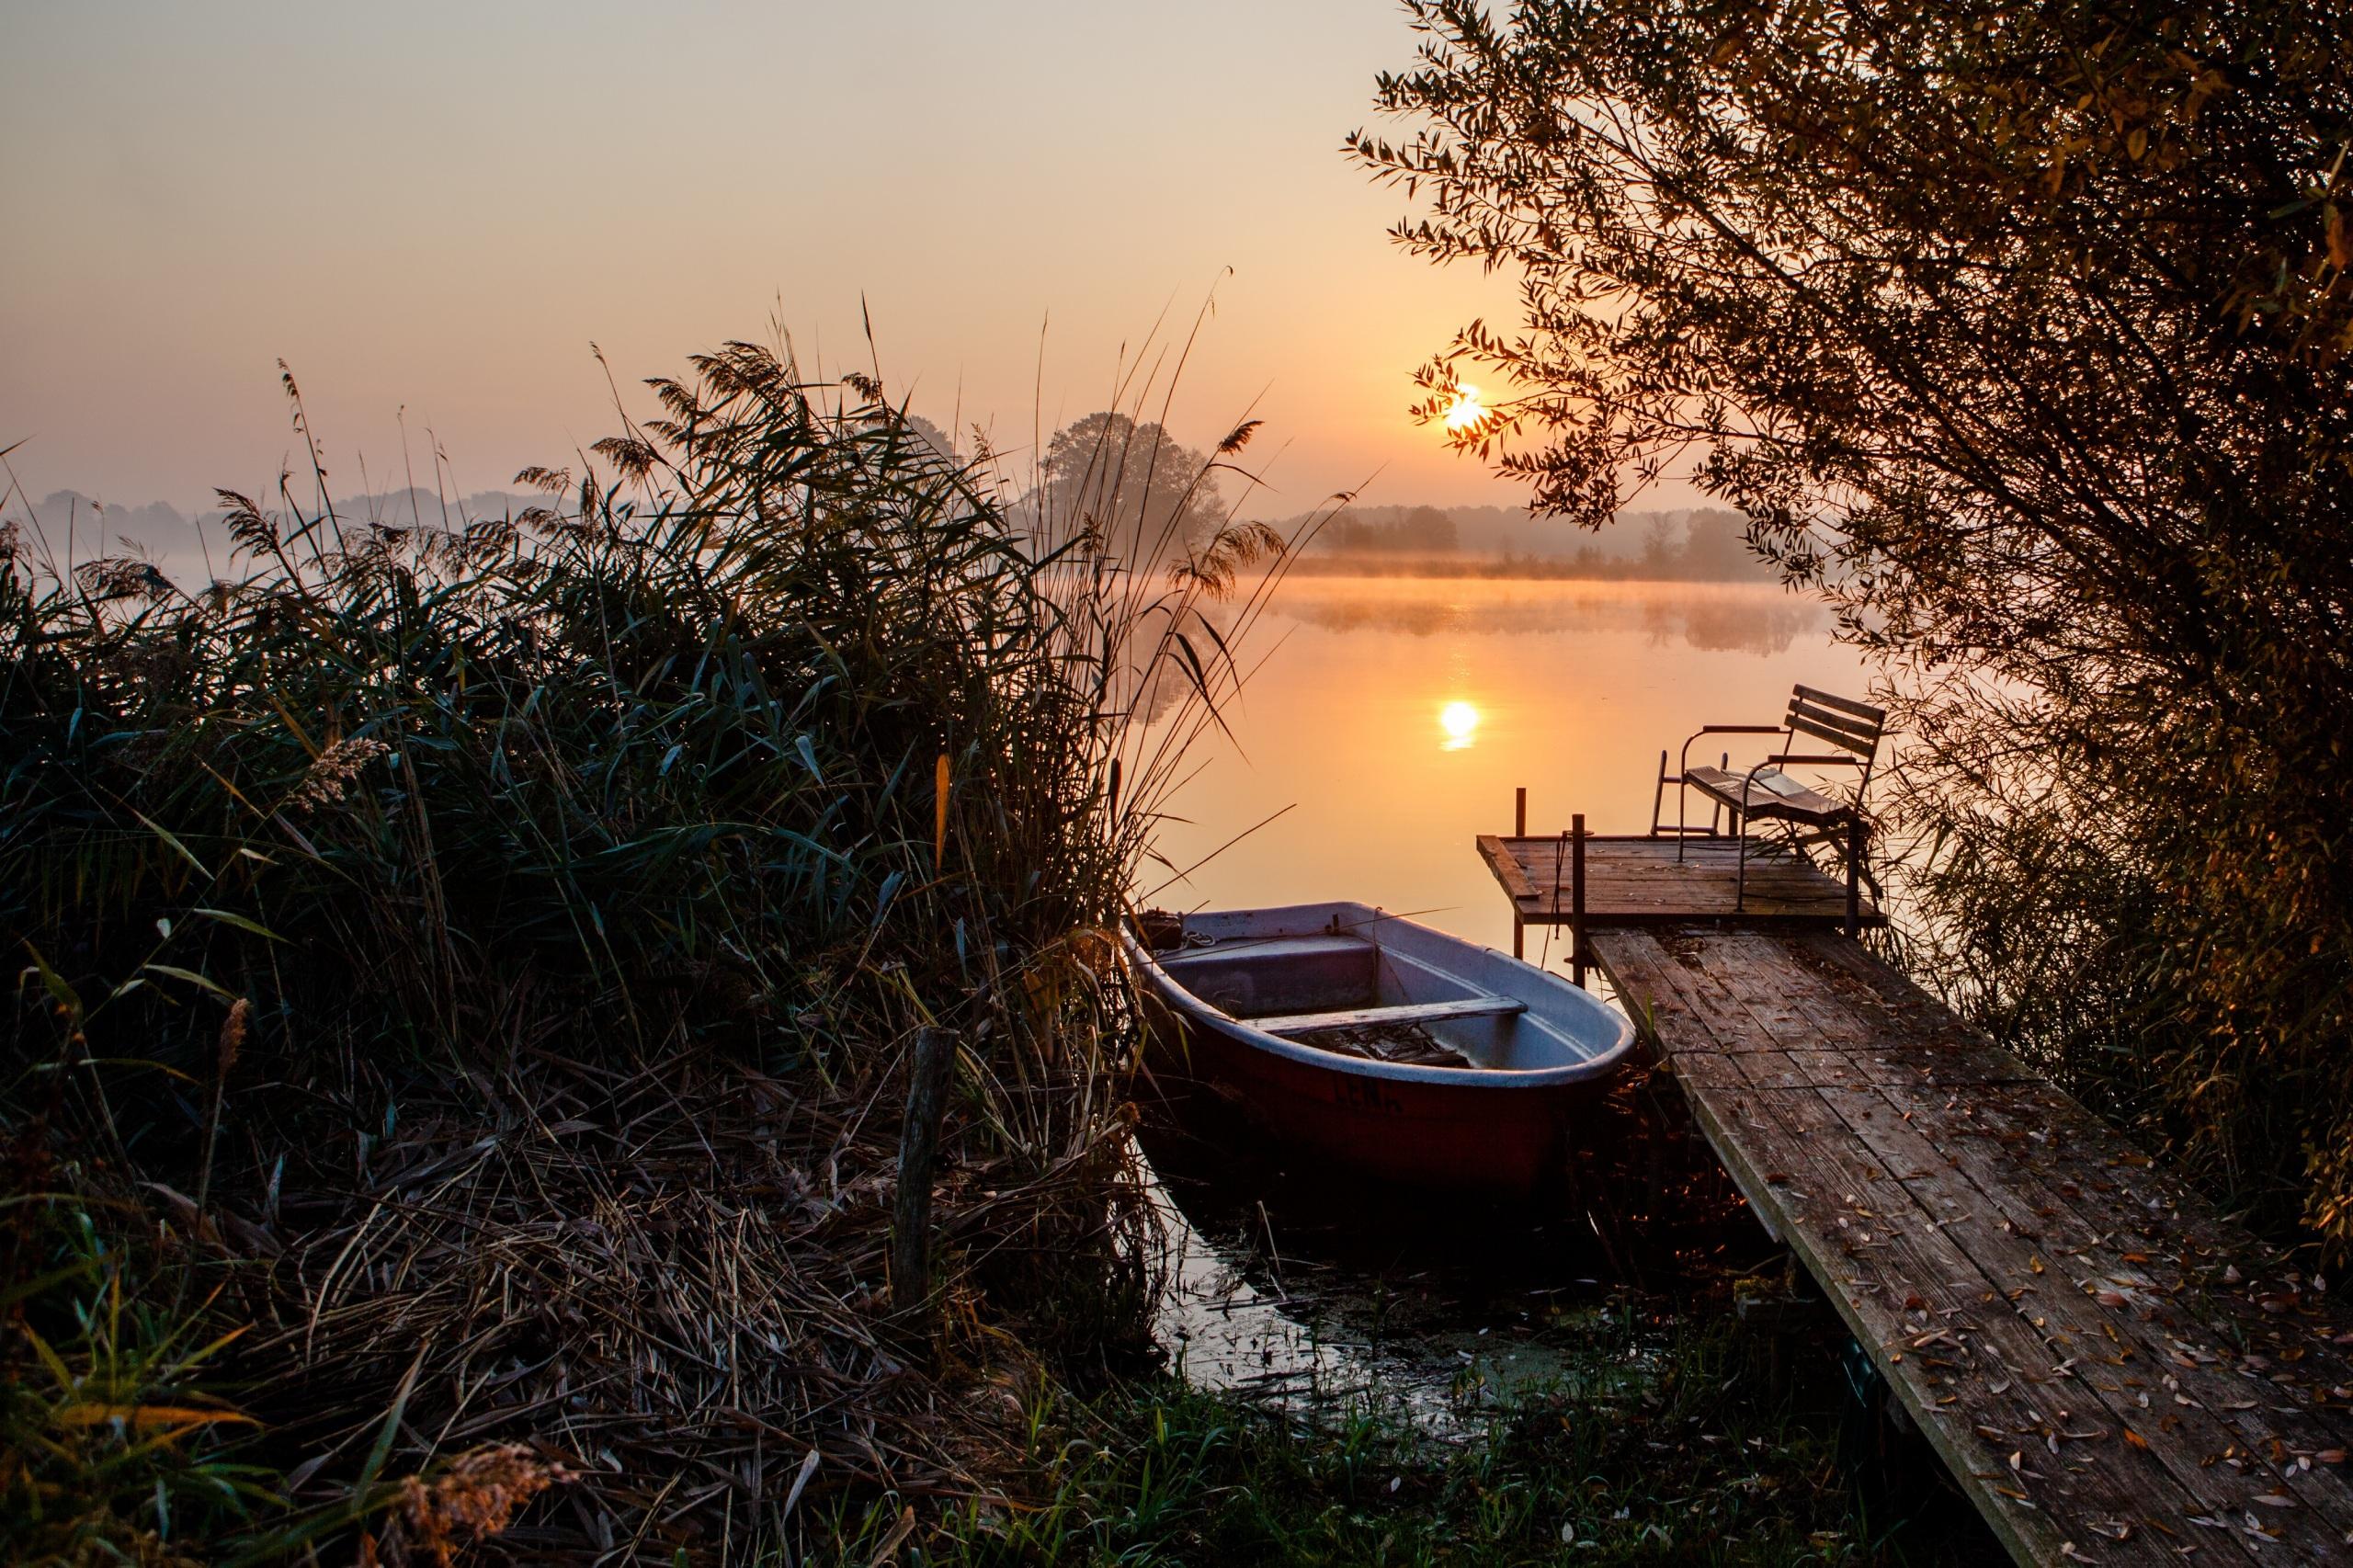 Картинка Природа Утро Озеро Рассветы и закаты Лодки 2560x1706 рассвет и закат